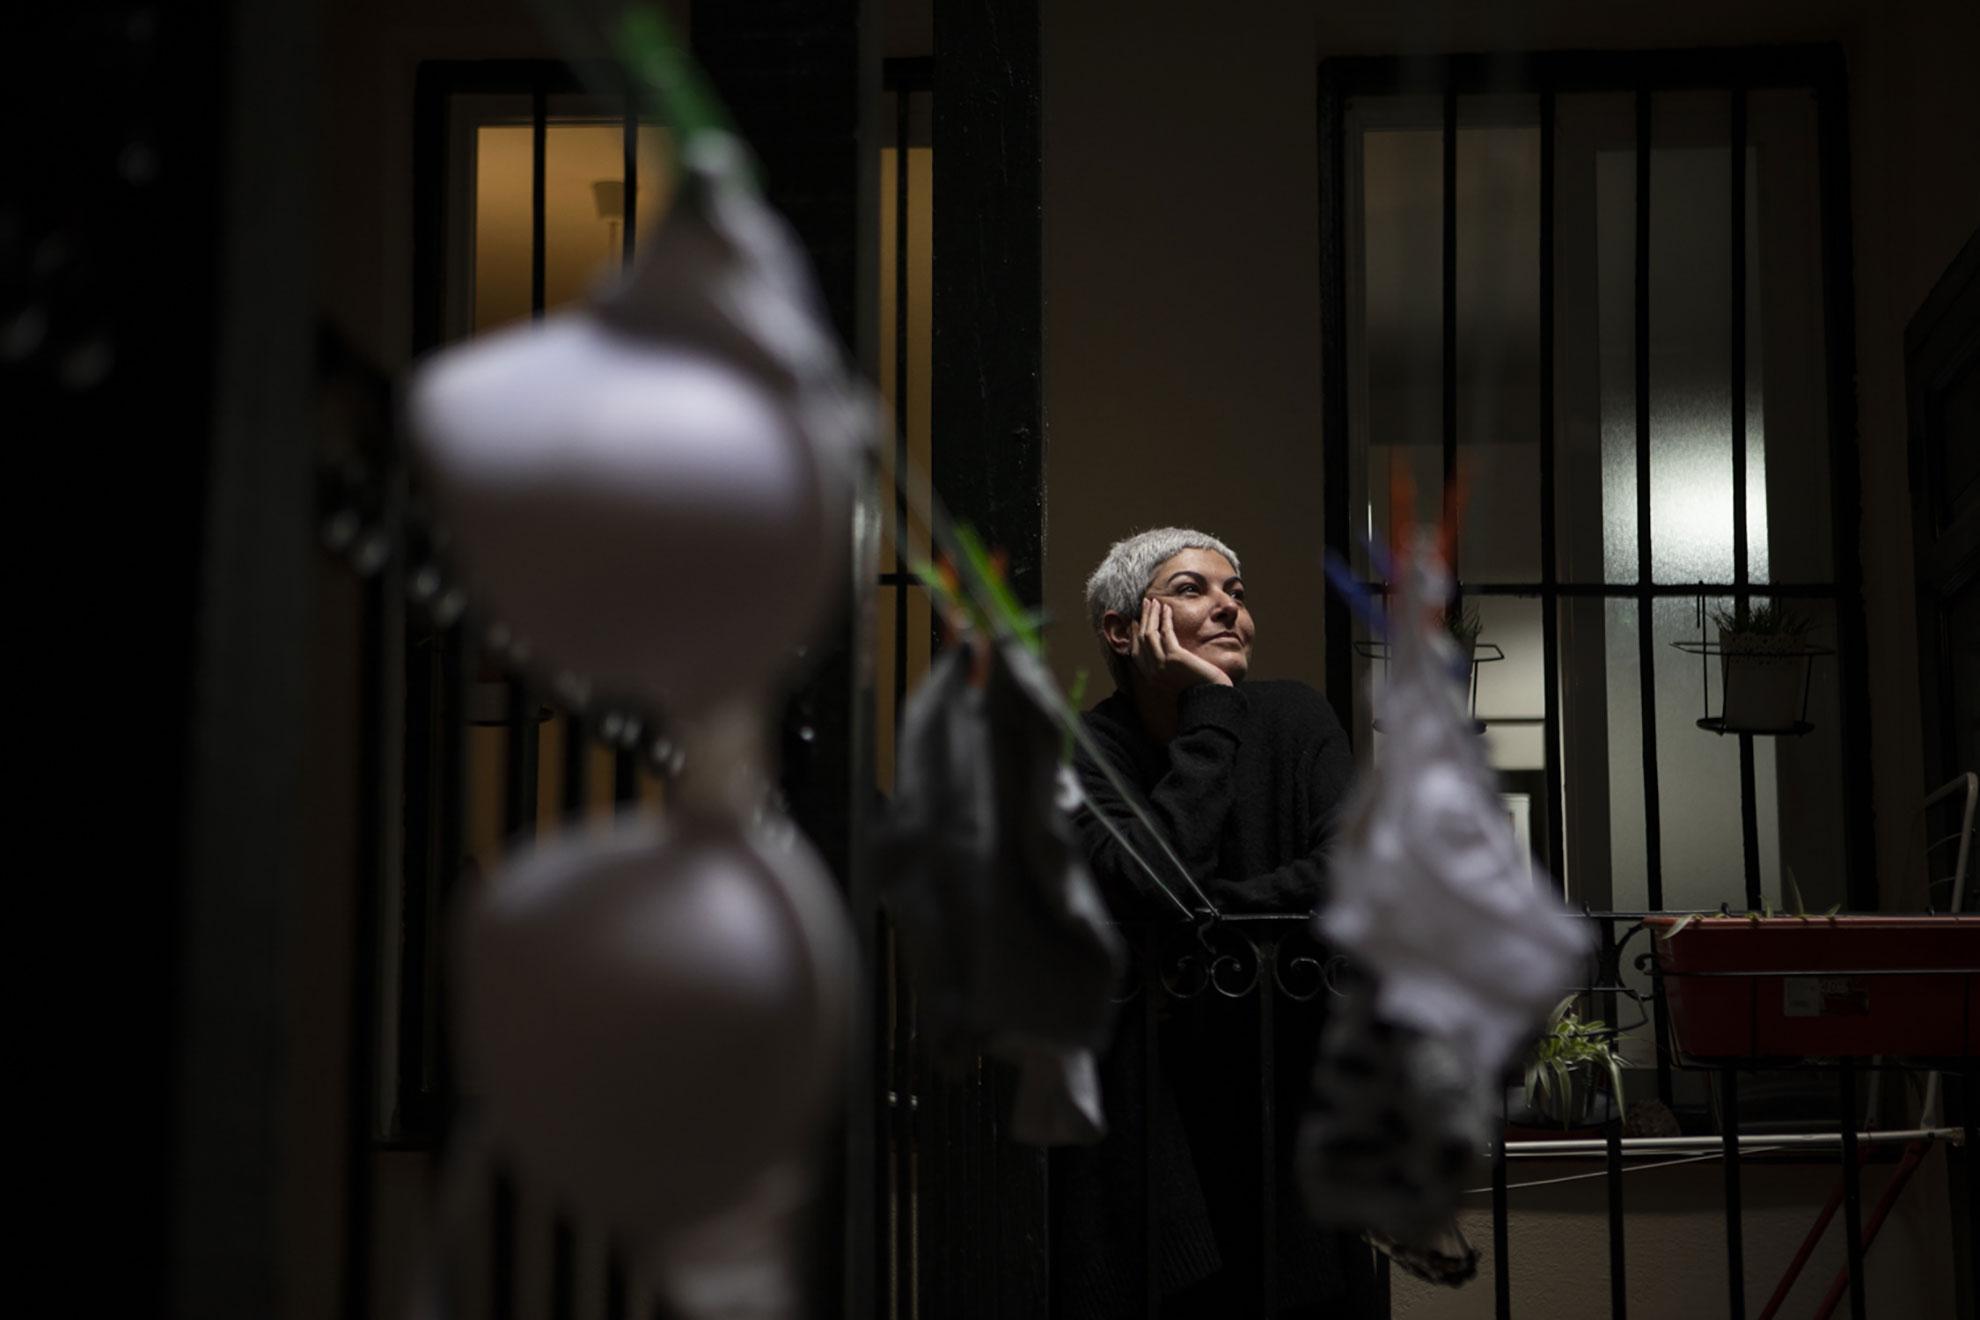 """Patricia (43) perdió su trabajo cuando decretaron el Estado de Alarma por el Covid-19. Ella es canaria, vino a vivir a Madrid en 2015 y trabajaba en la hostelería desde entonces. El confinamiento le está sirviendo para pensar mucho en su futuro laboral. Se está replanteando volver a su profesión (estudió Criminología), pero todo es muy incierto a día de hoy. Por suerte, su casera es una de esas personas que hacen que el mundo sea un poco más amable, y le ha rebajado el alquiler a la mitad hasta agosto. Para que pueda recomponer su situación. Tener a la familia lejos es lo más duro para ella, pero ver a los niños por la calle estos días le ha dado subidón: """"ya se ve la luz al final del túnel"""", dice con su acento dulce, cargado de esperanza."""